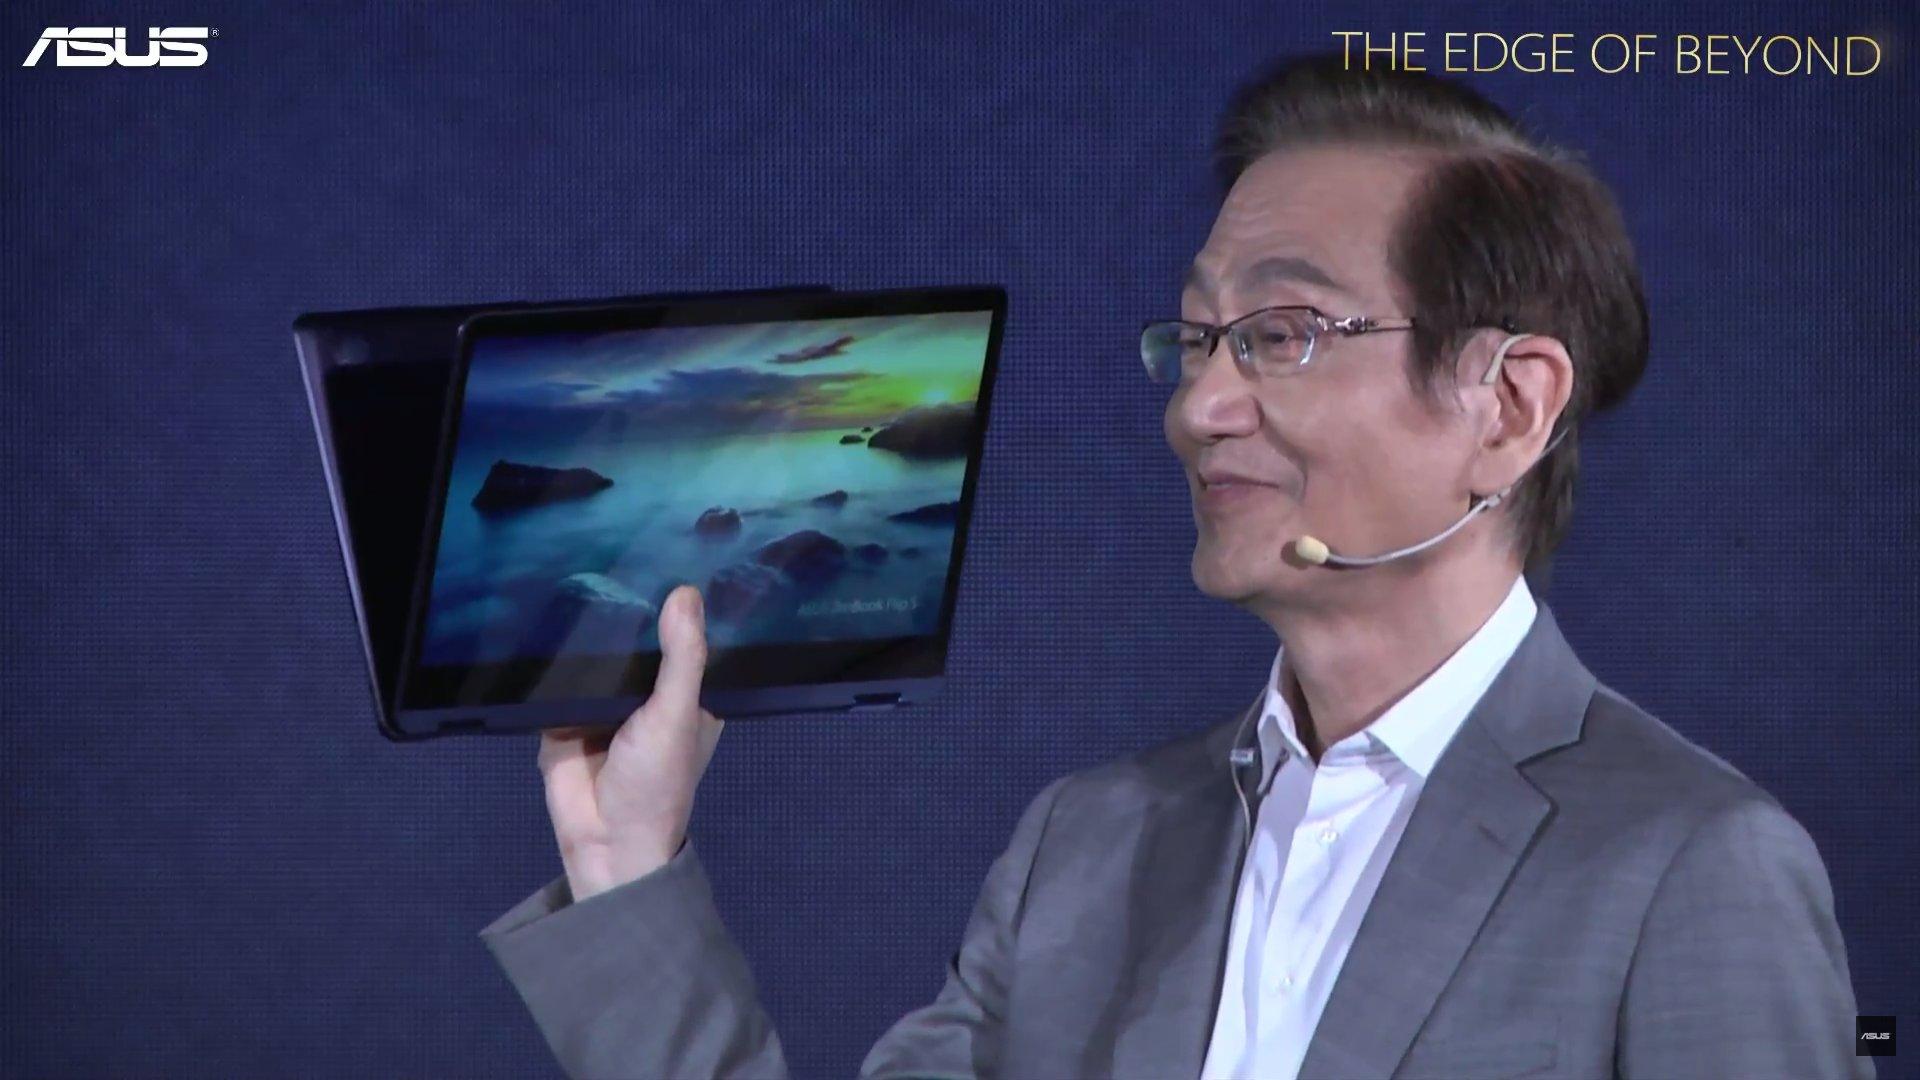 Asus ZenBook Flip S vorgestellt: Das angeblich dünnste Convertible der Welt